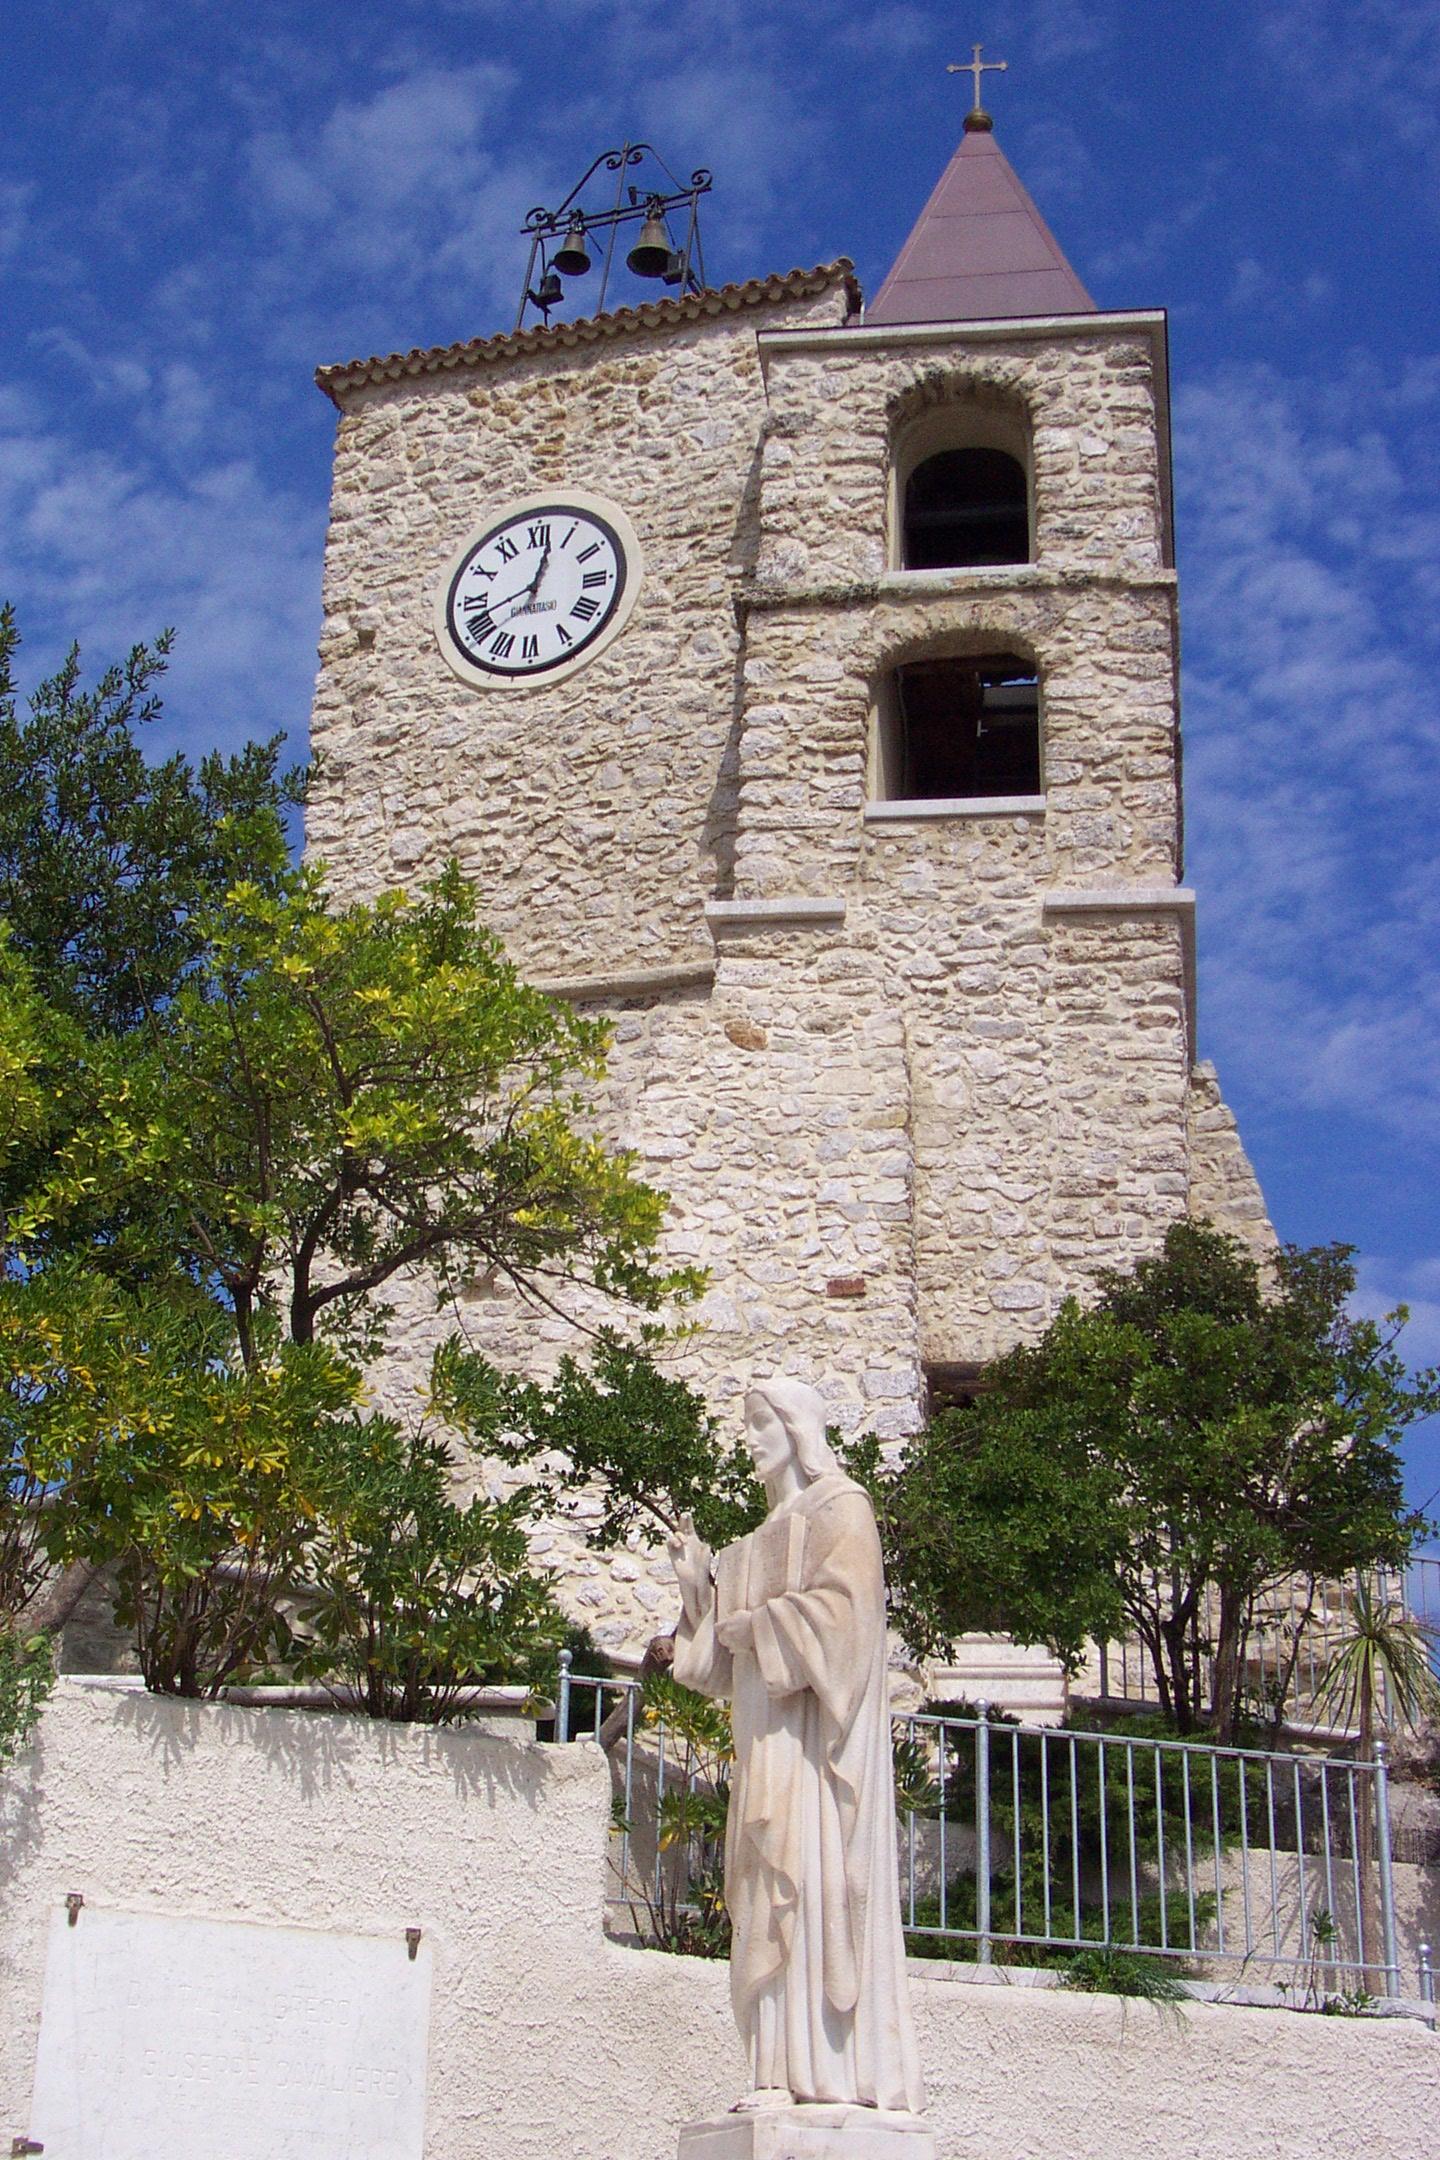 il-campanile-e-la-torre-dellorologio-secret-world